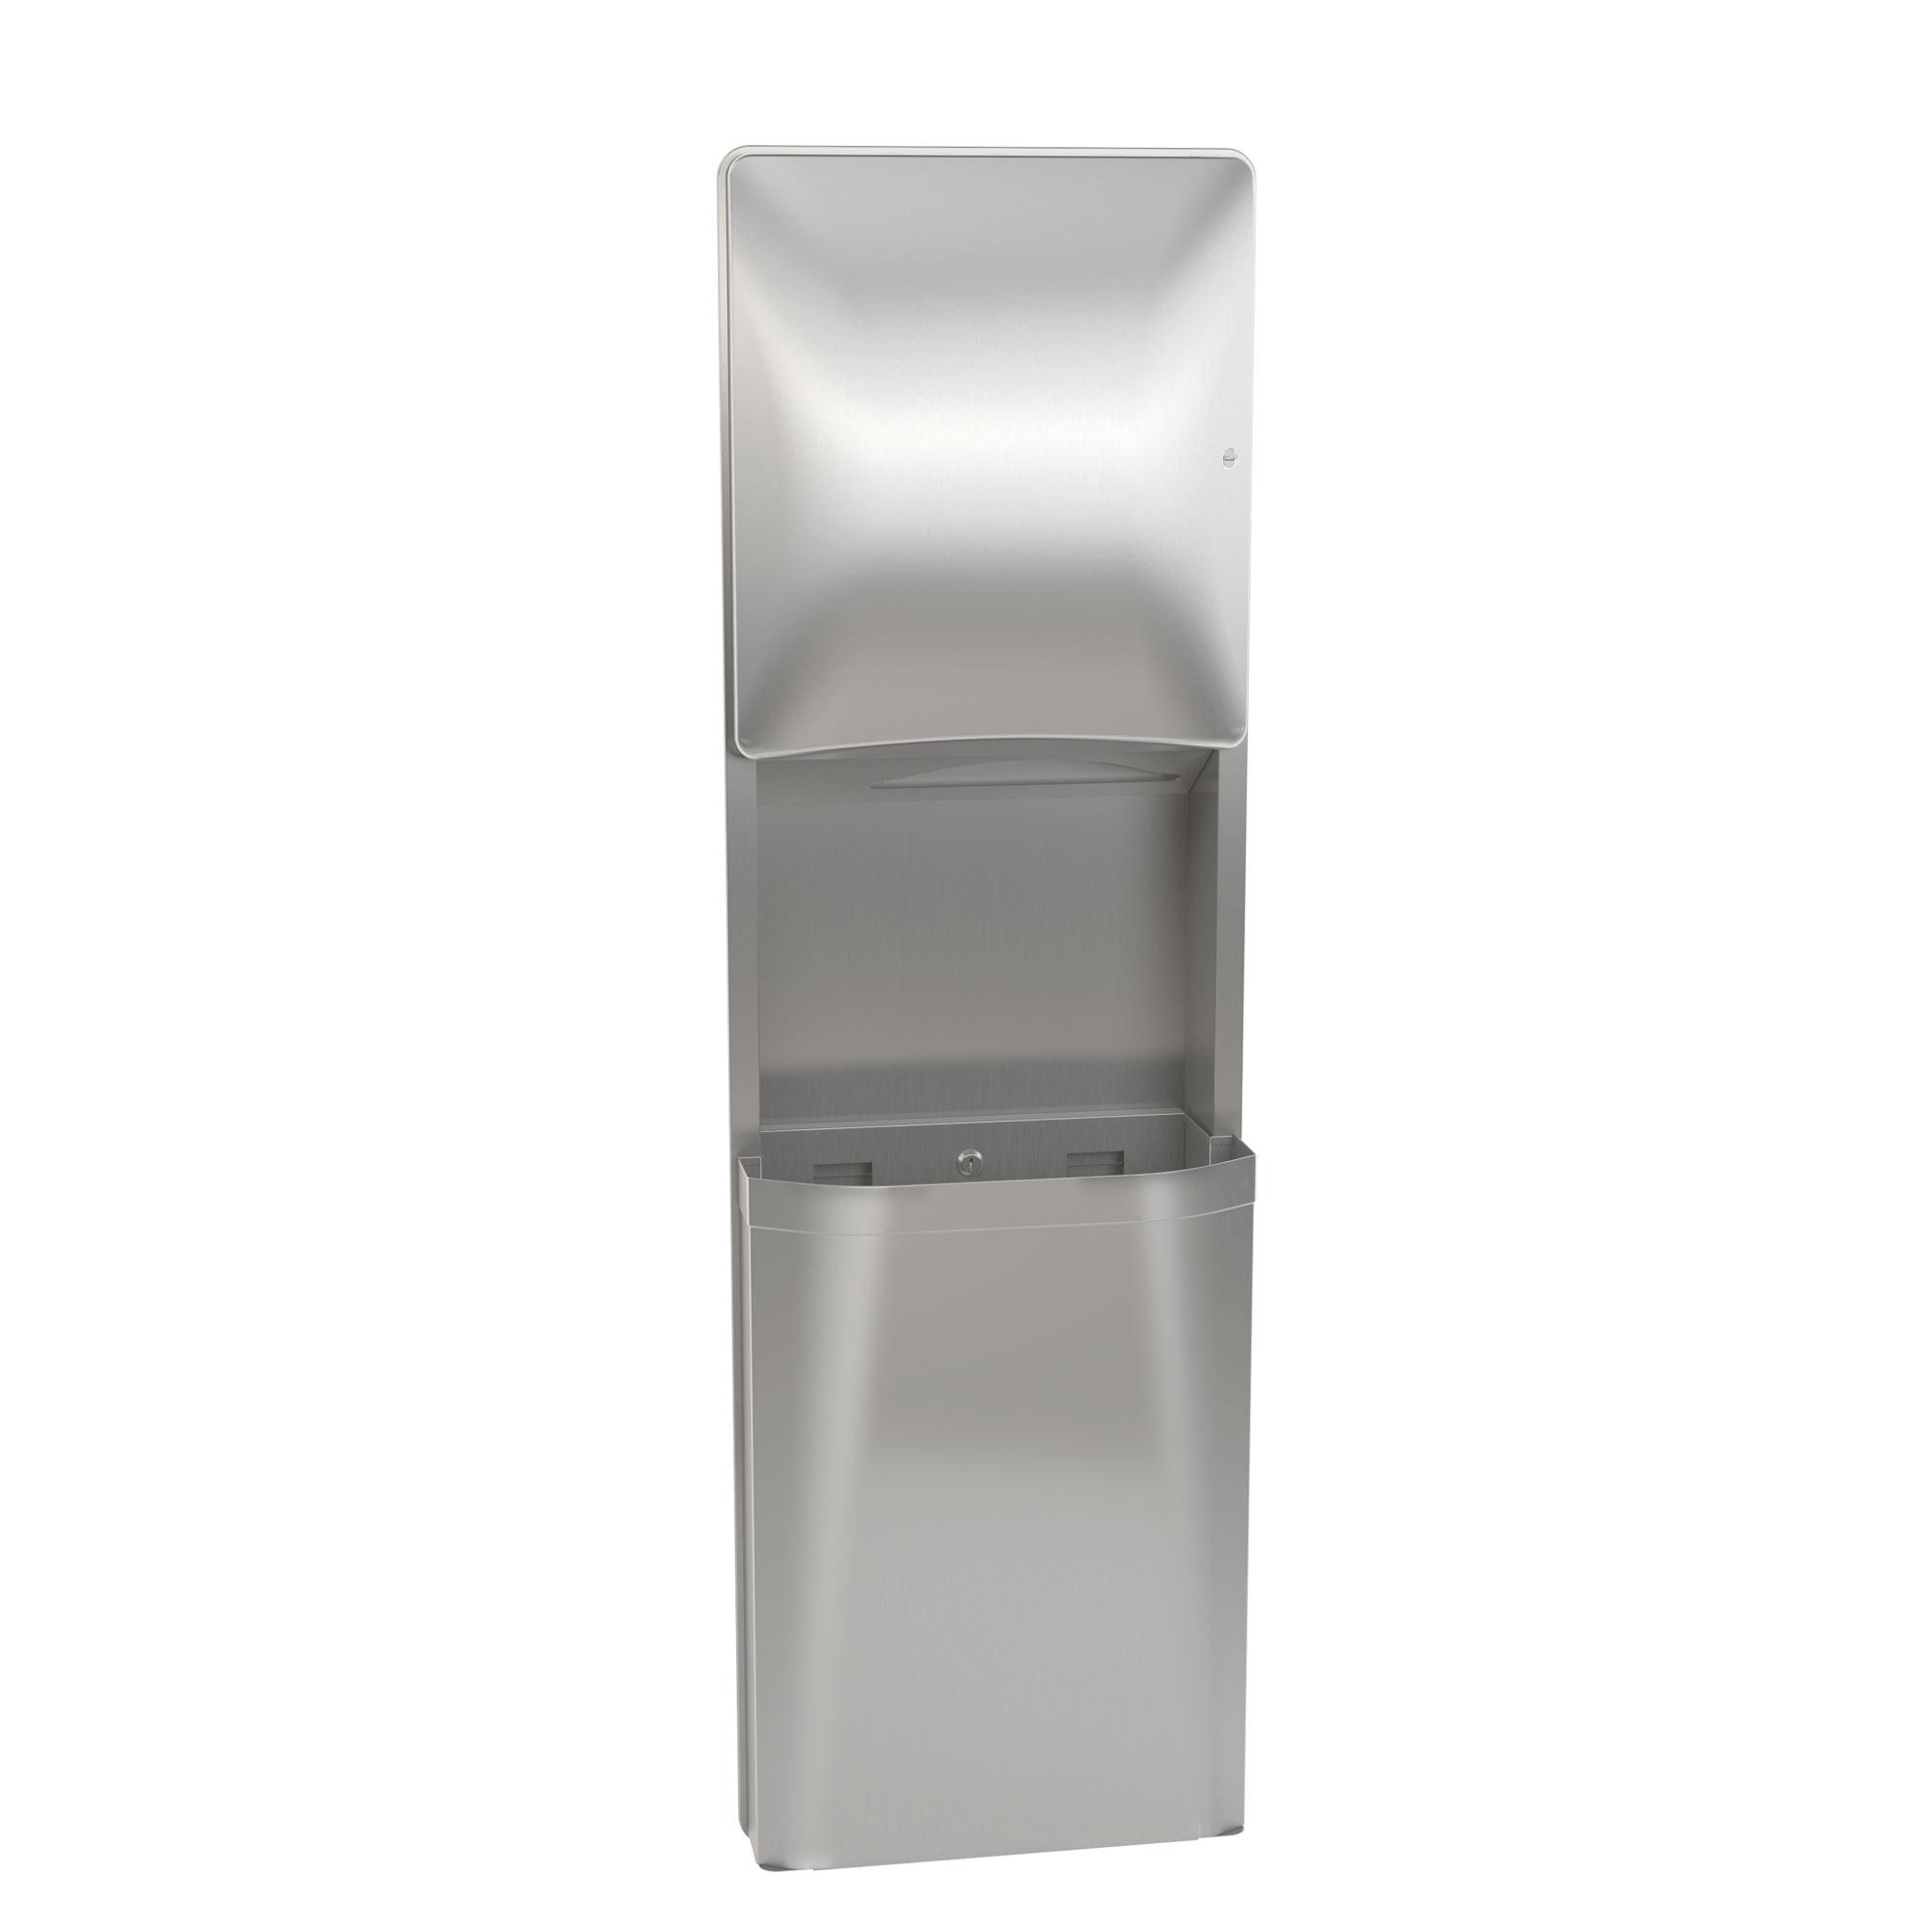 diplomat towel dispenserwaste receptacle - Bradley Bathroom Accessories